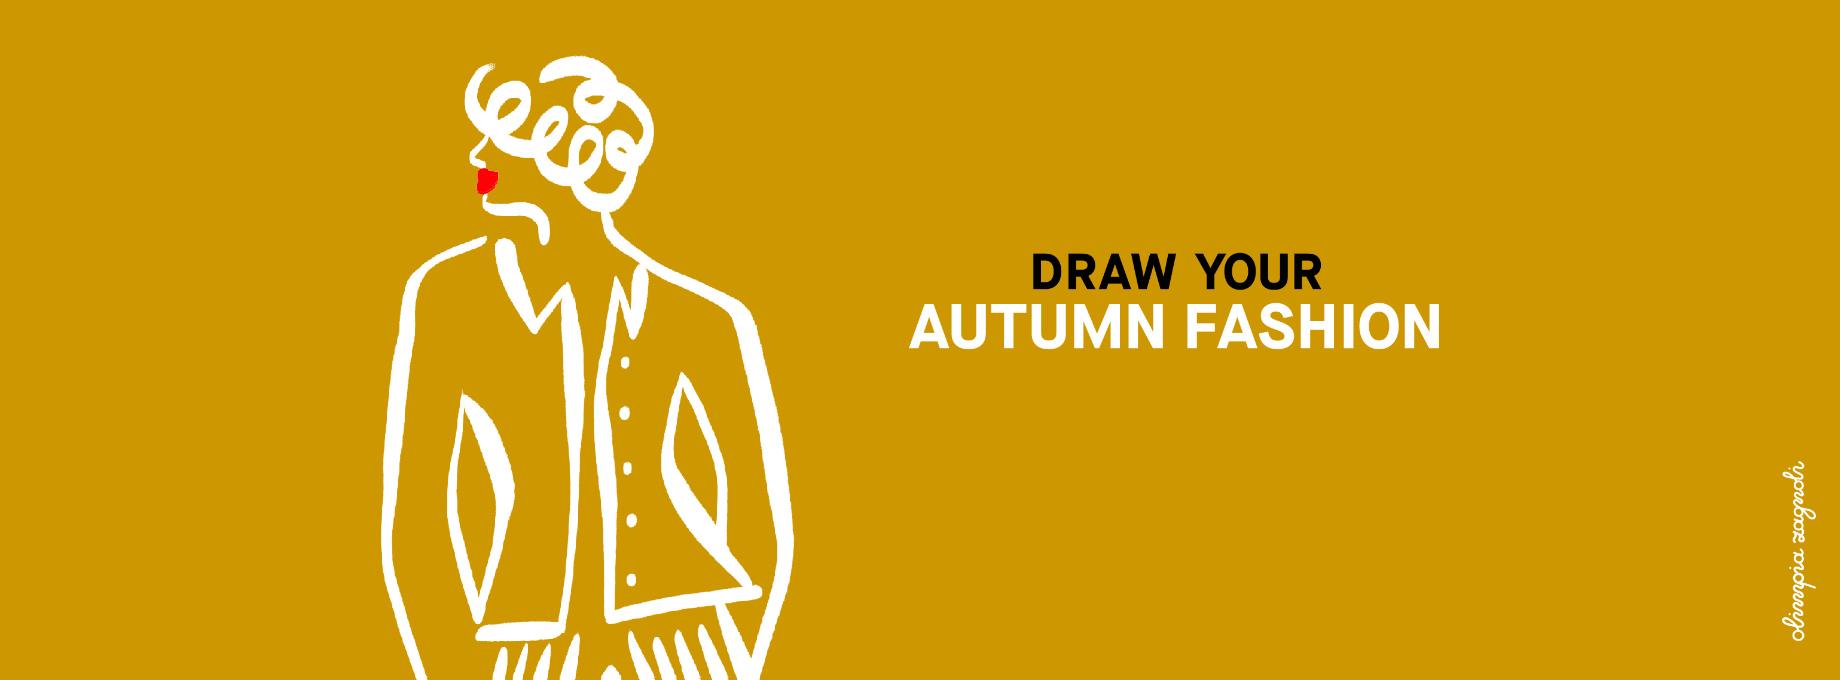 Draw your Autumn Fashion